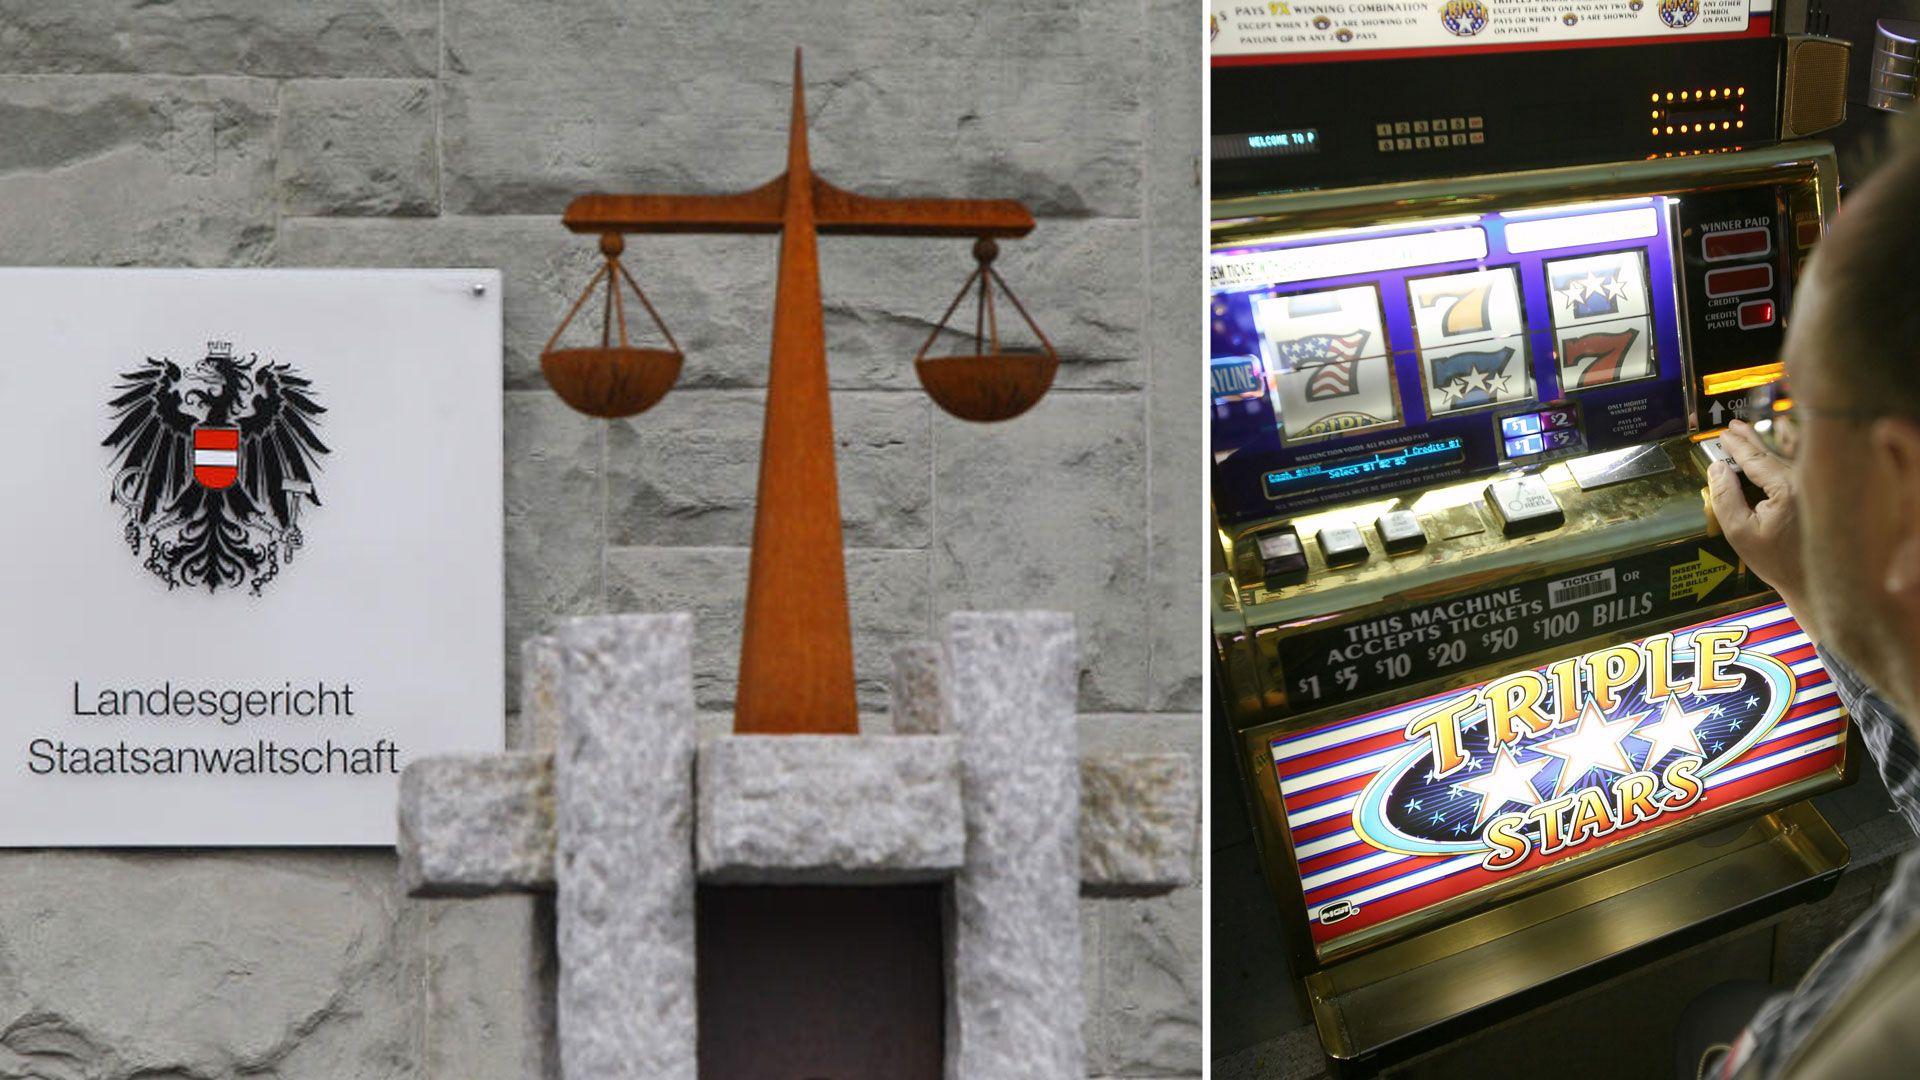 Illegal: Alarmanlage der Polizei in Glücksspiellokal